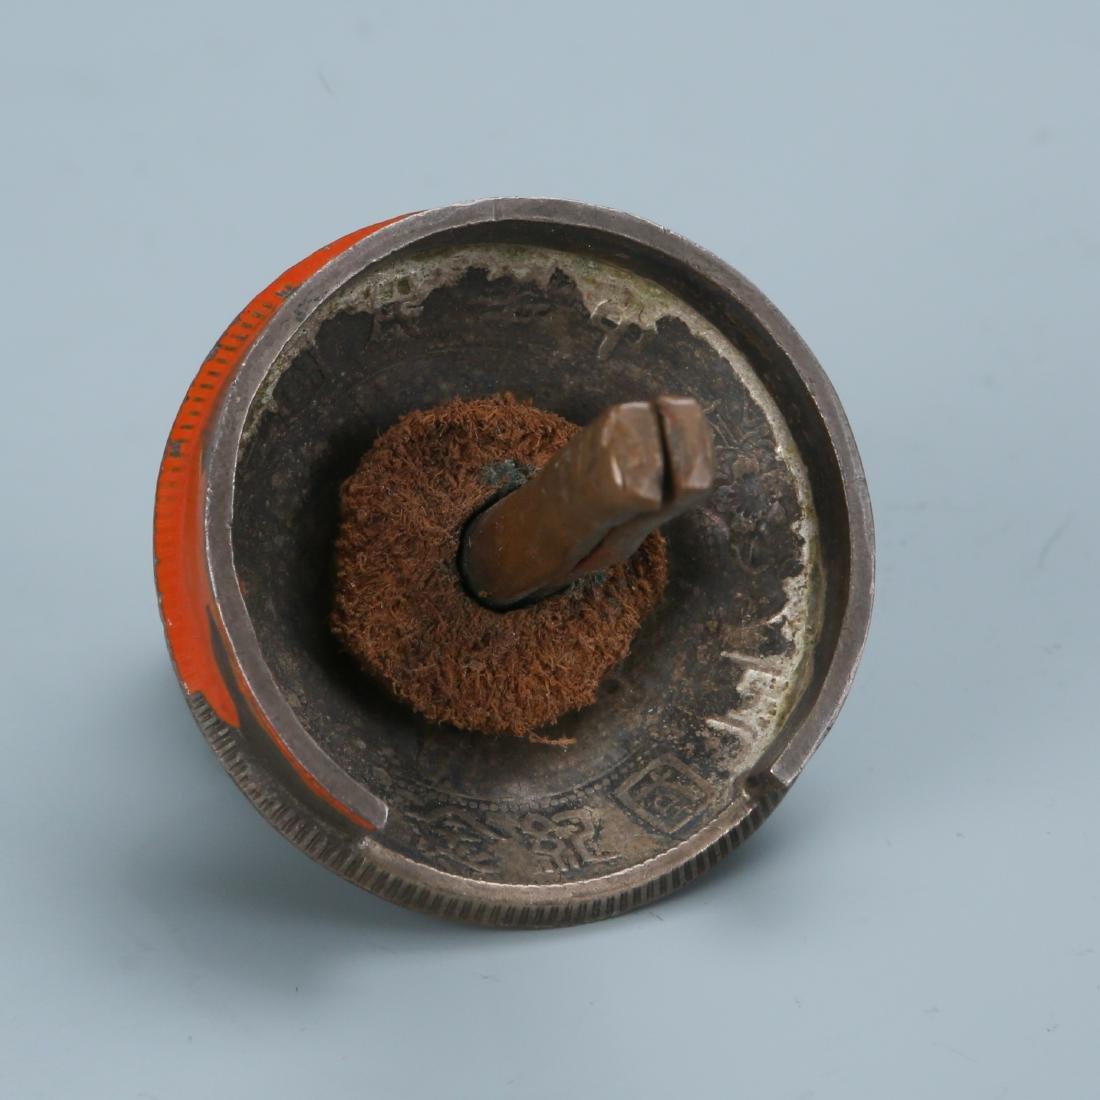 Set of Six Memento Silver Dollar Coin Button - 7